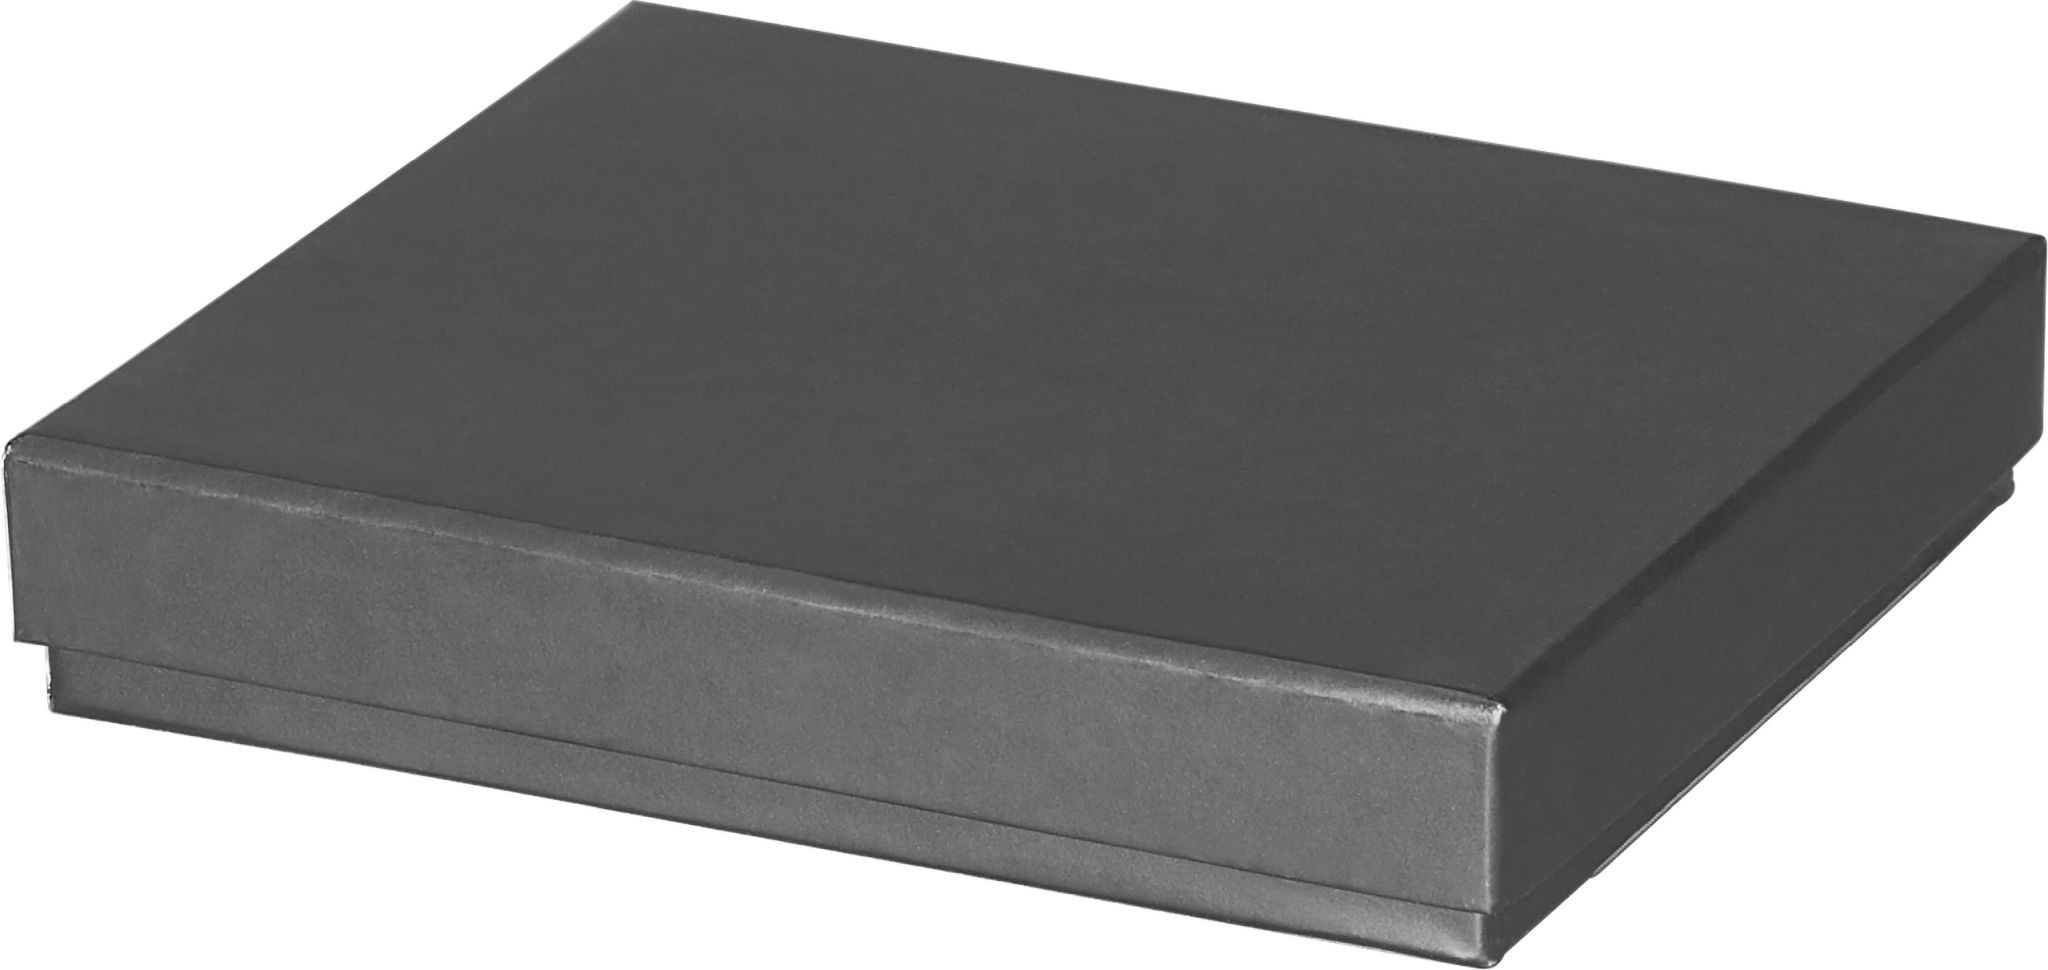 SNAP! Magnetisches RFID Karten- und Ausweisetui, Ansicht 3